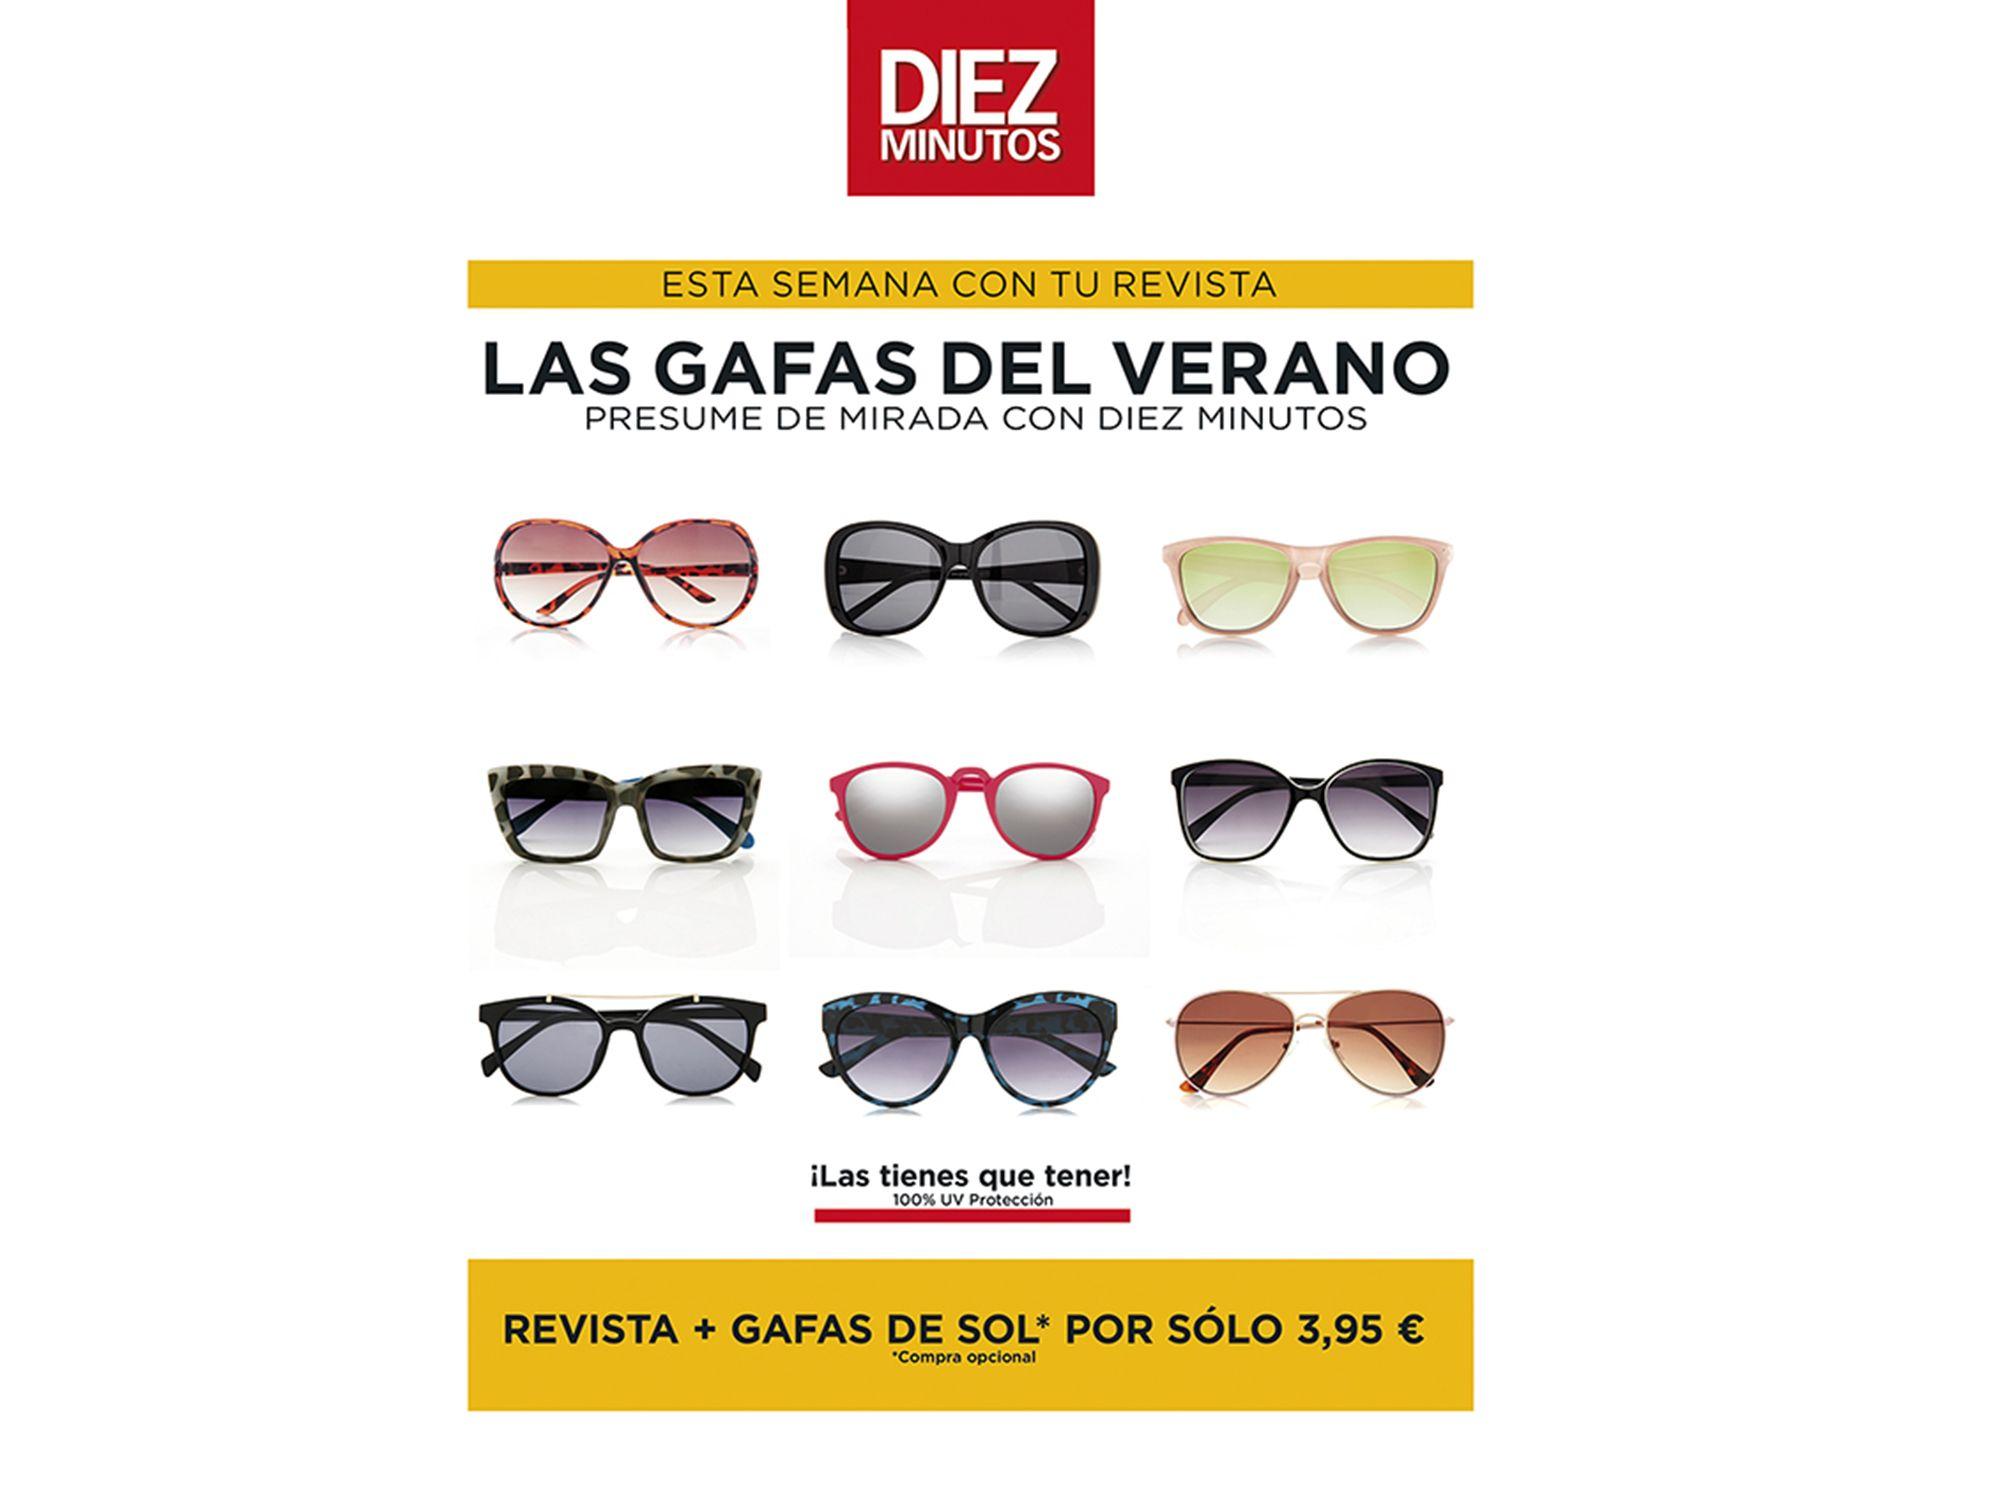 Da un toque de glamour a tu mirada con las gafas de moda